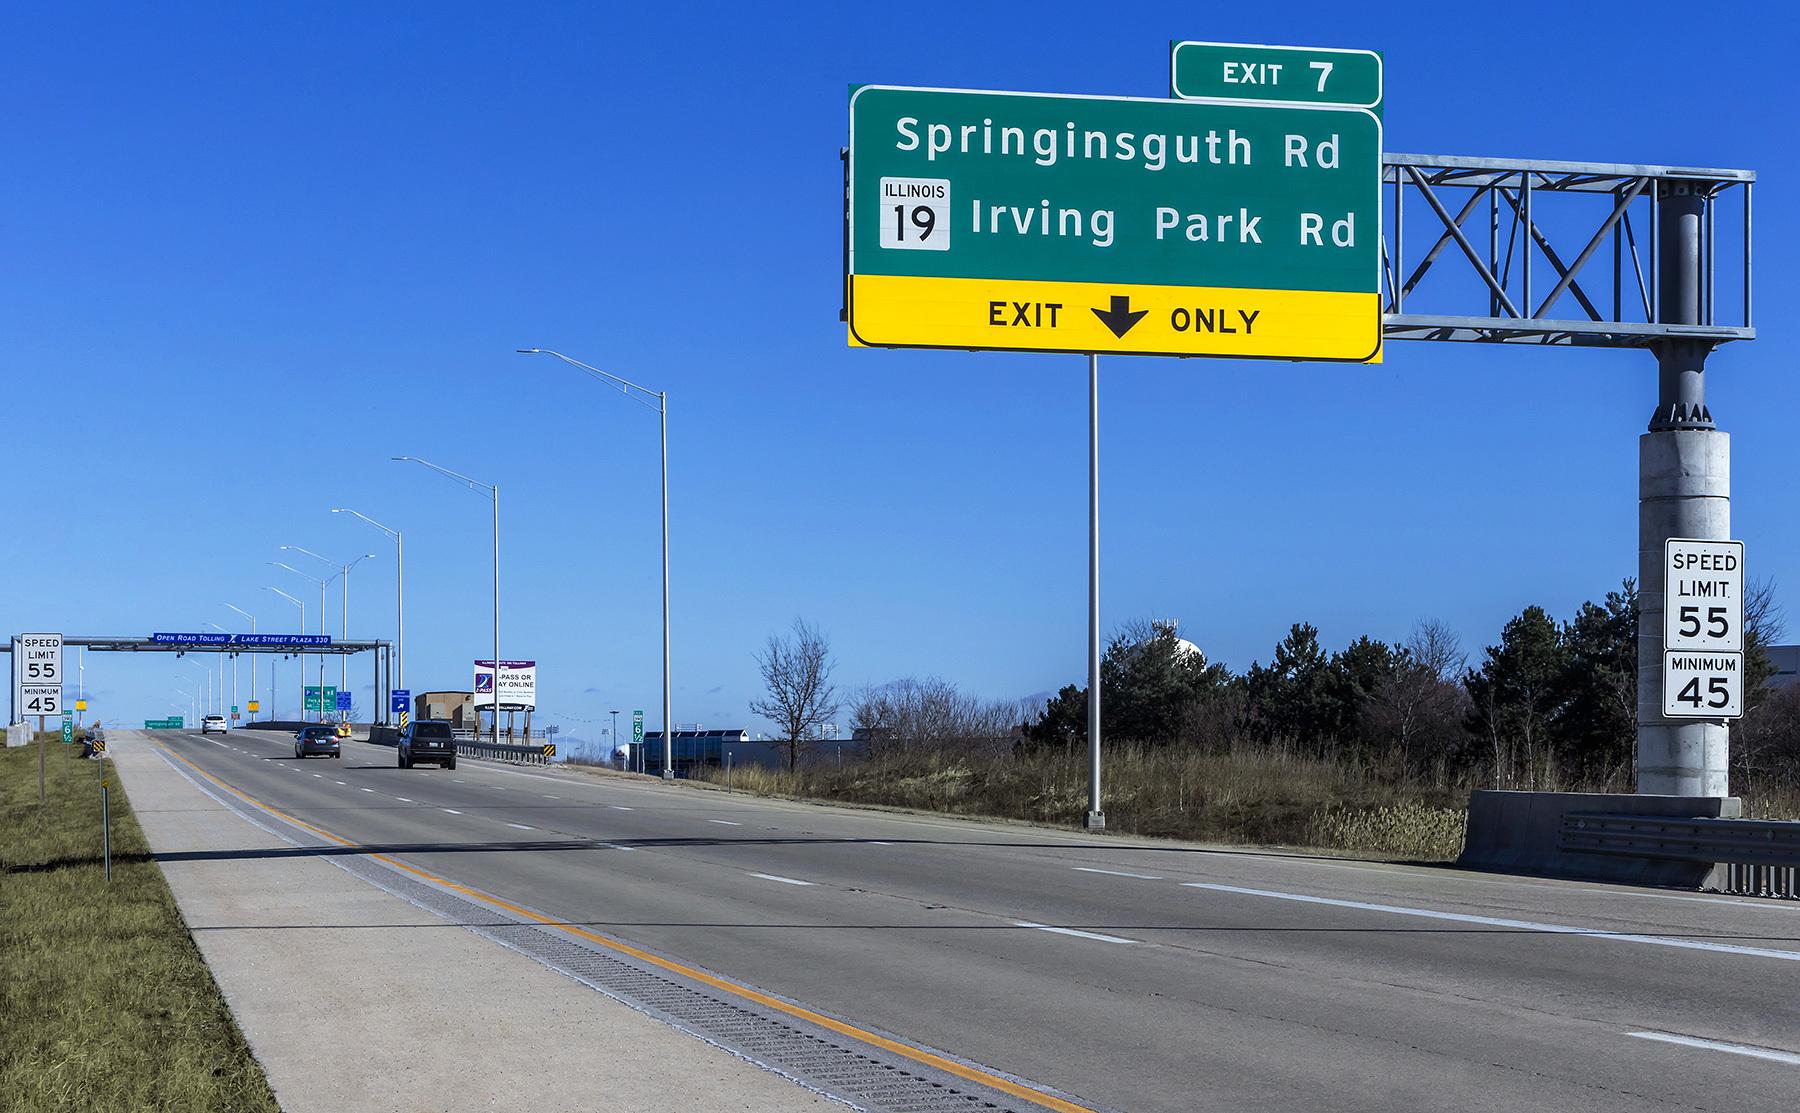 IllinoisTollwayElginOHareBypassLakeStree